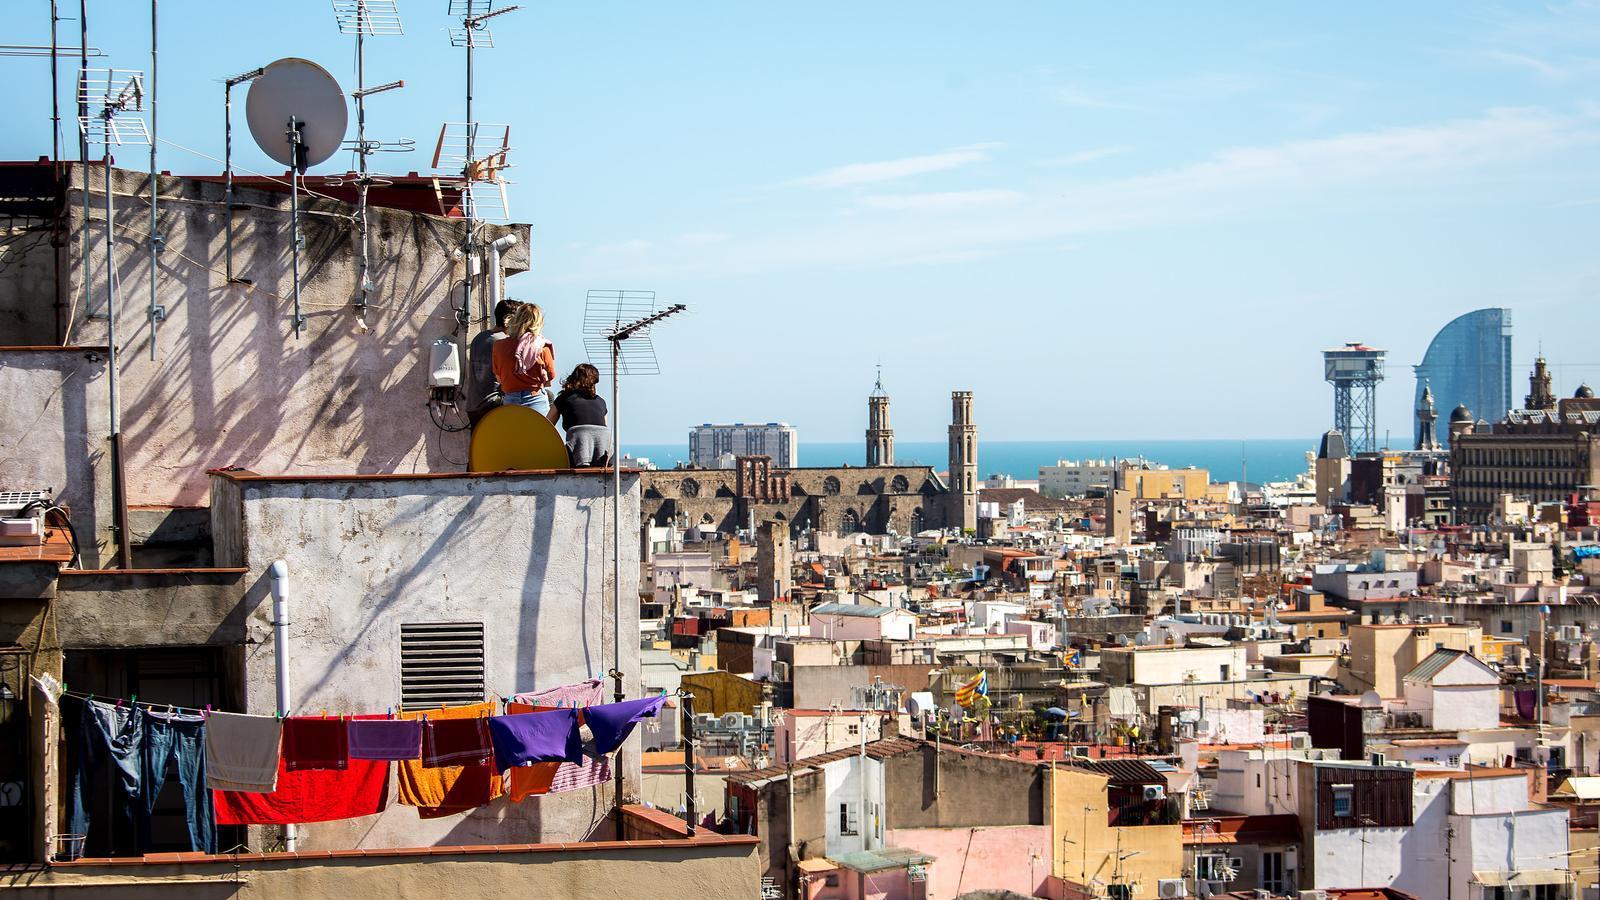 Terrats i terrasses de Barcelona durant el confinament per la pandèmia del coronavirus, vistes des del barri de la Ribera